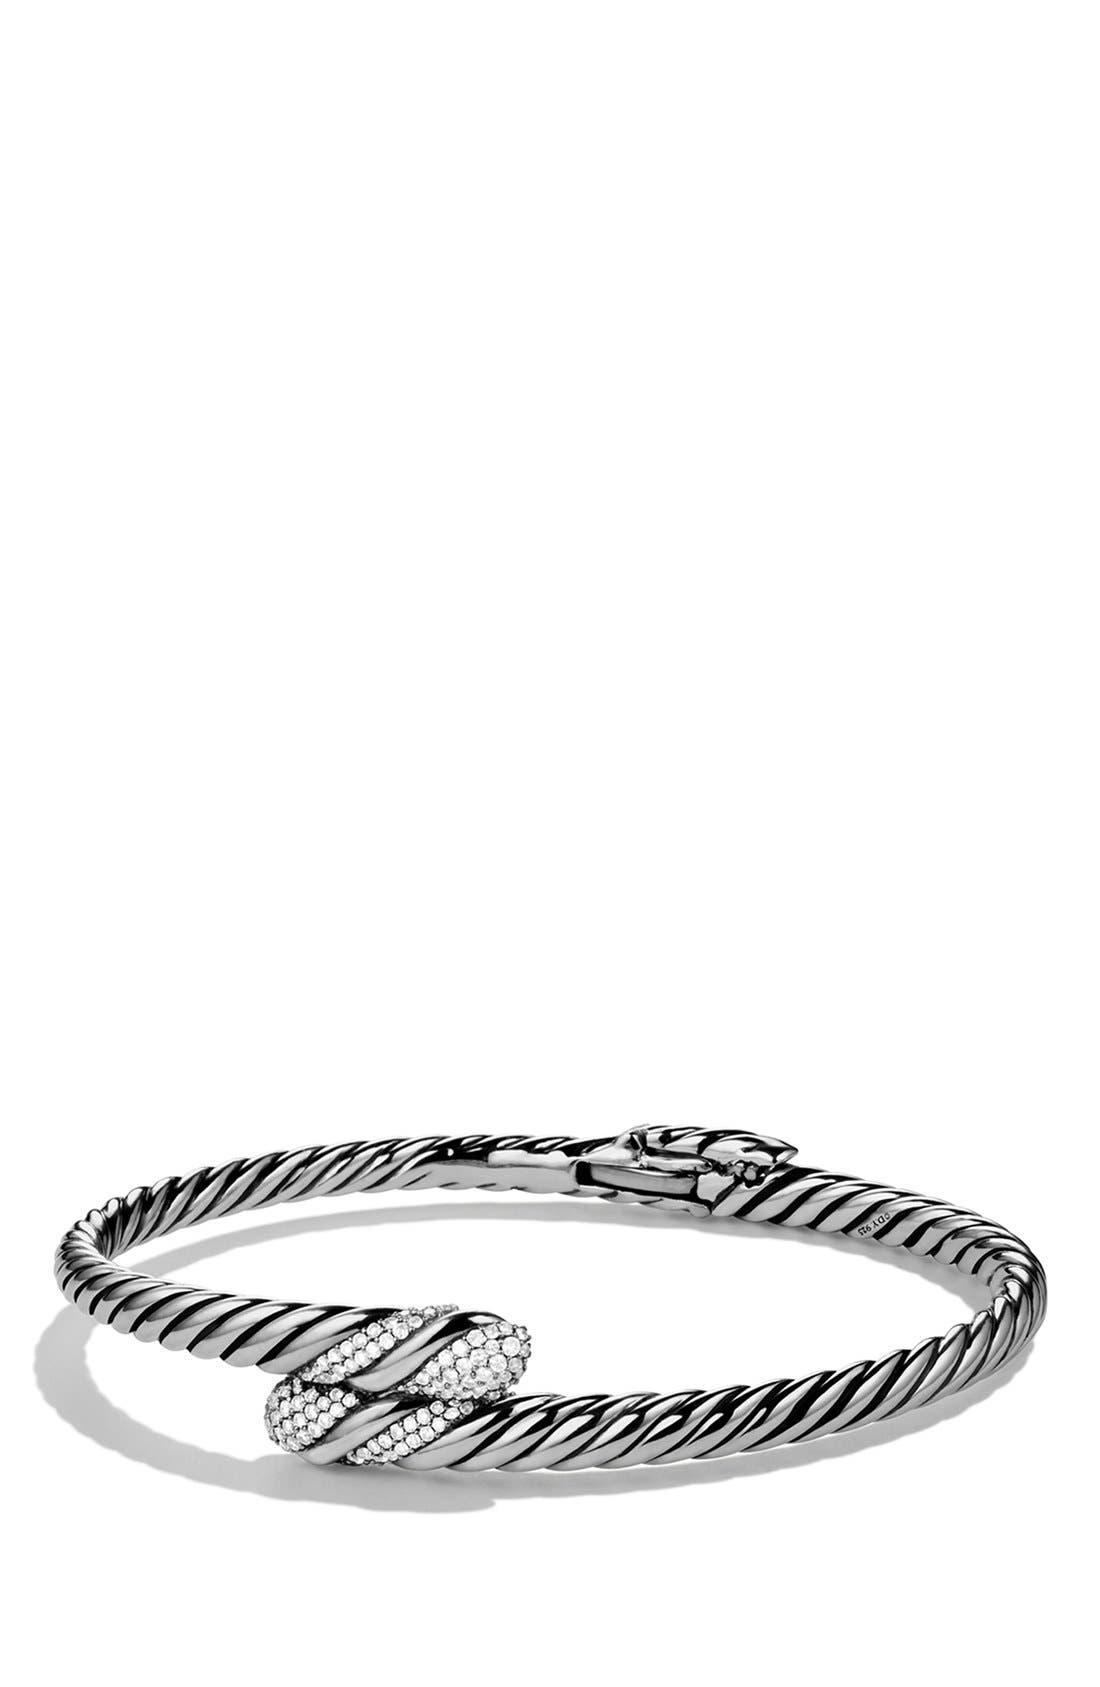 DAVID YURMAN Willow Single Row Bracelet with Diamonds